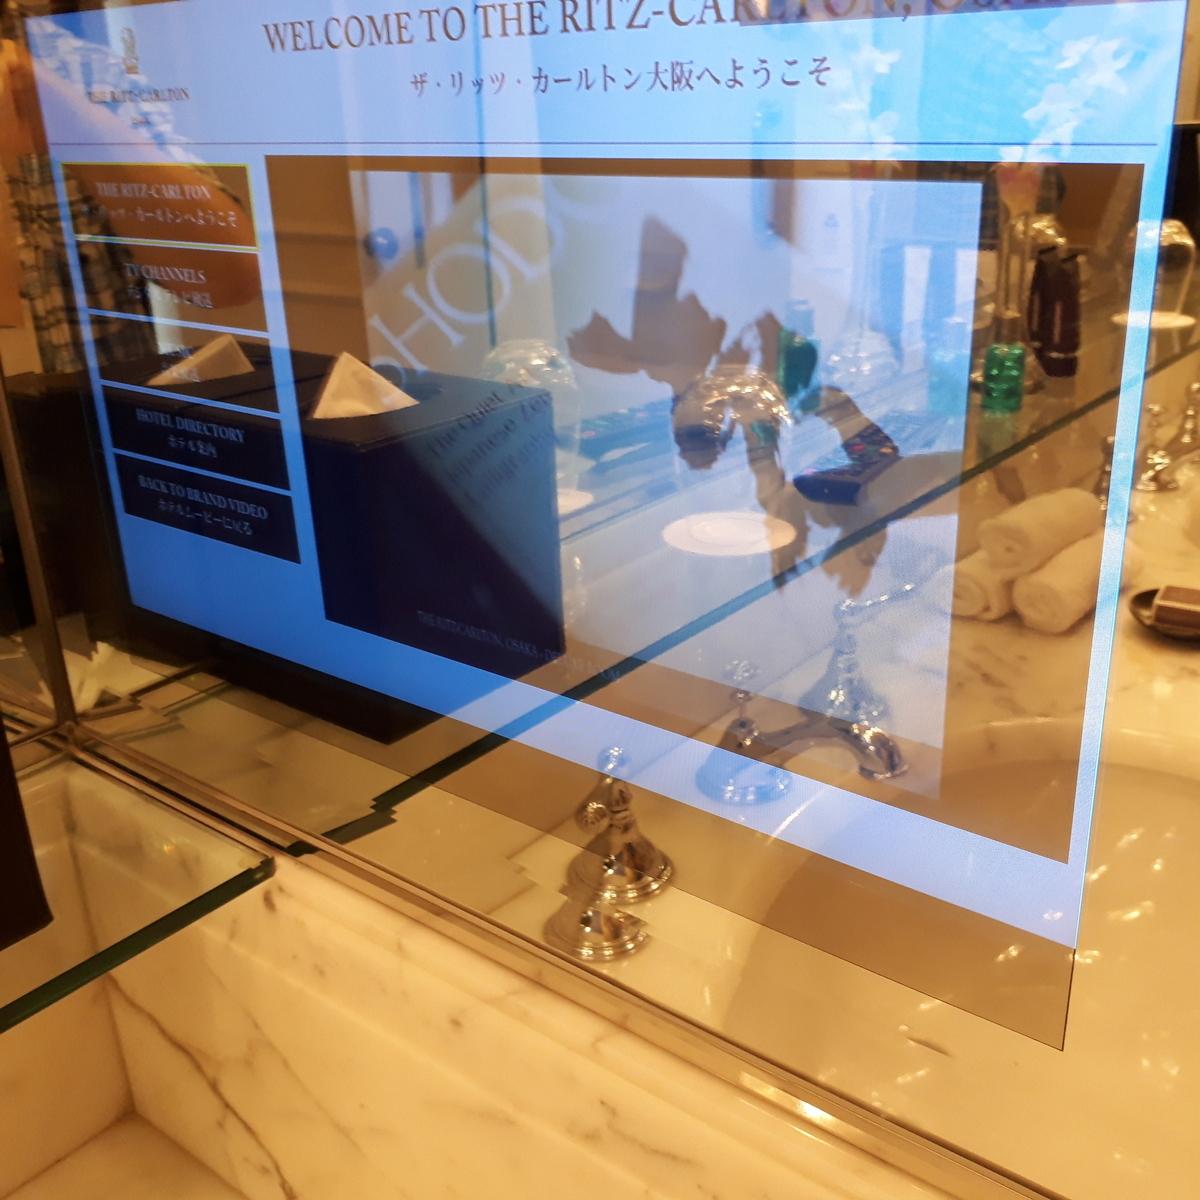 リッツカールトン大阪 クラブデラックス 洗面台横テレビ